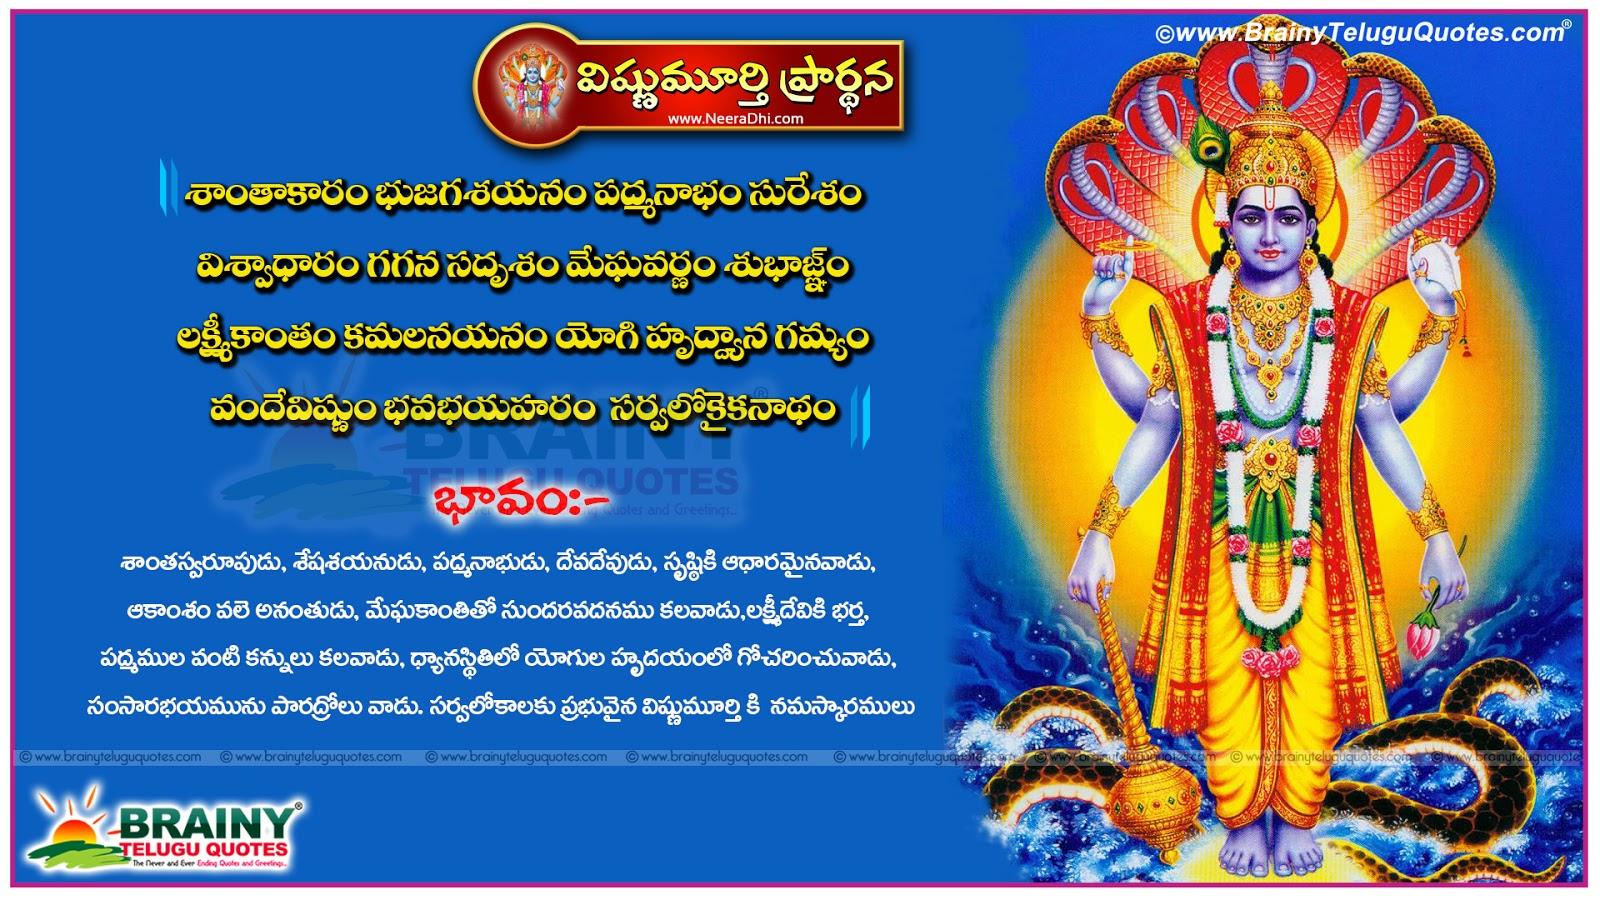 Vinayaka Chavithi Hd Wallpapers Shantakaram Bhujagashayanam Lyrics In Telugu